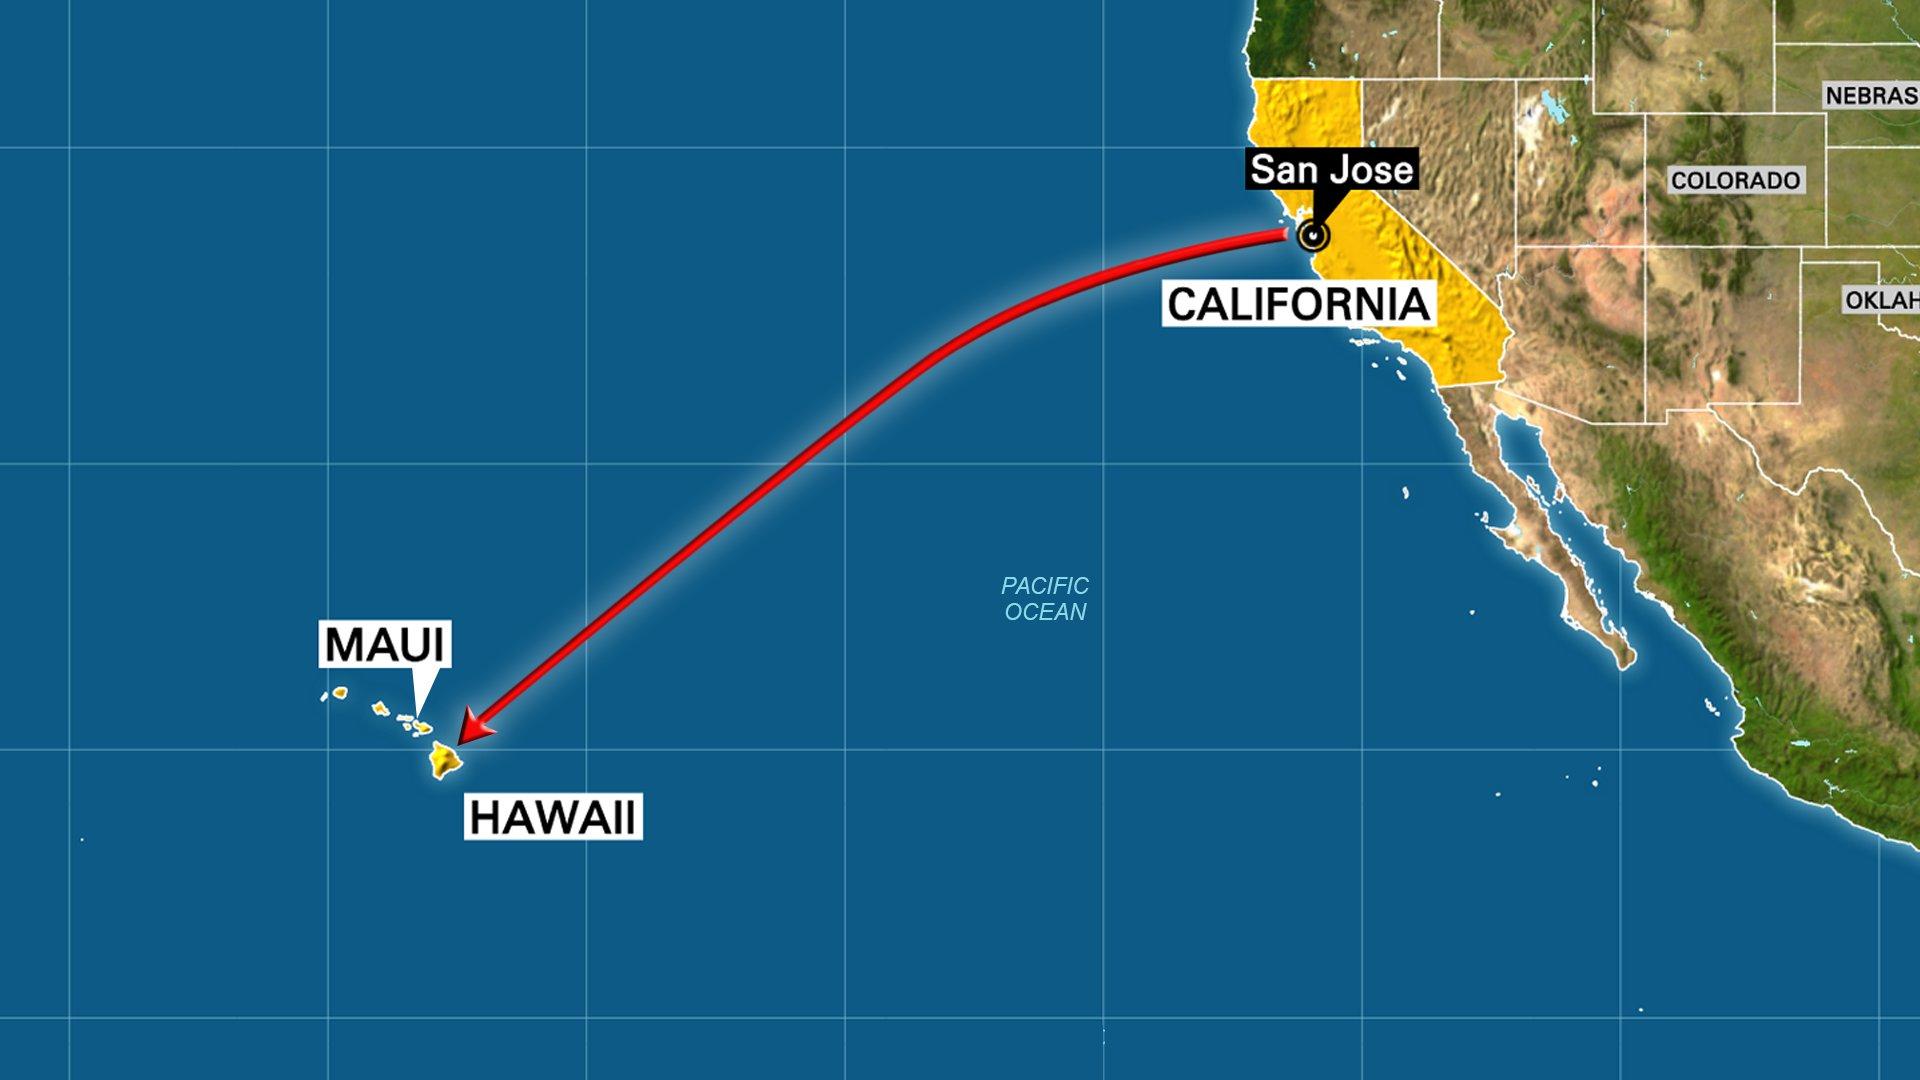 Map Of Hawaiian Islands And California - Klipy - Map Of Hawaiian Islands And California